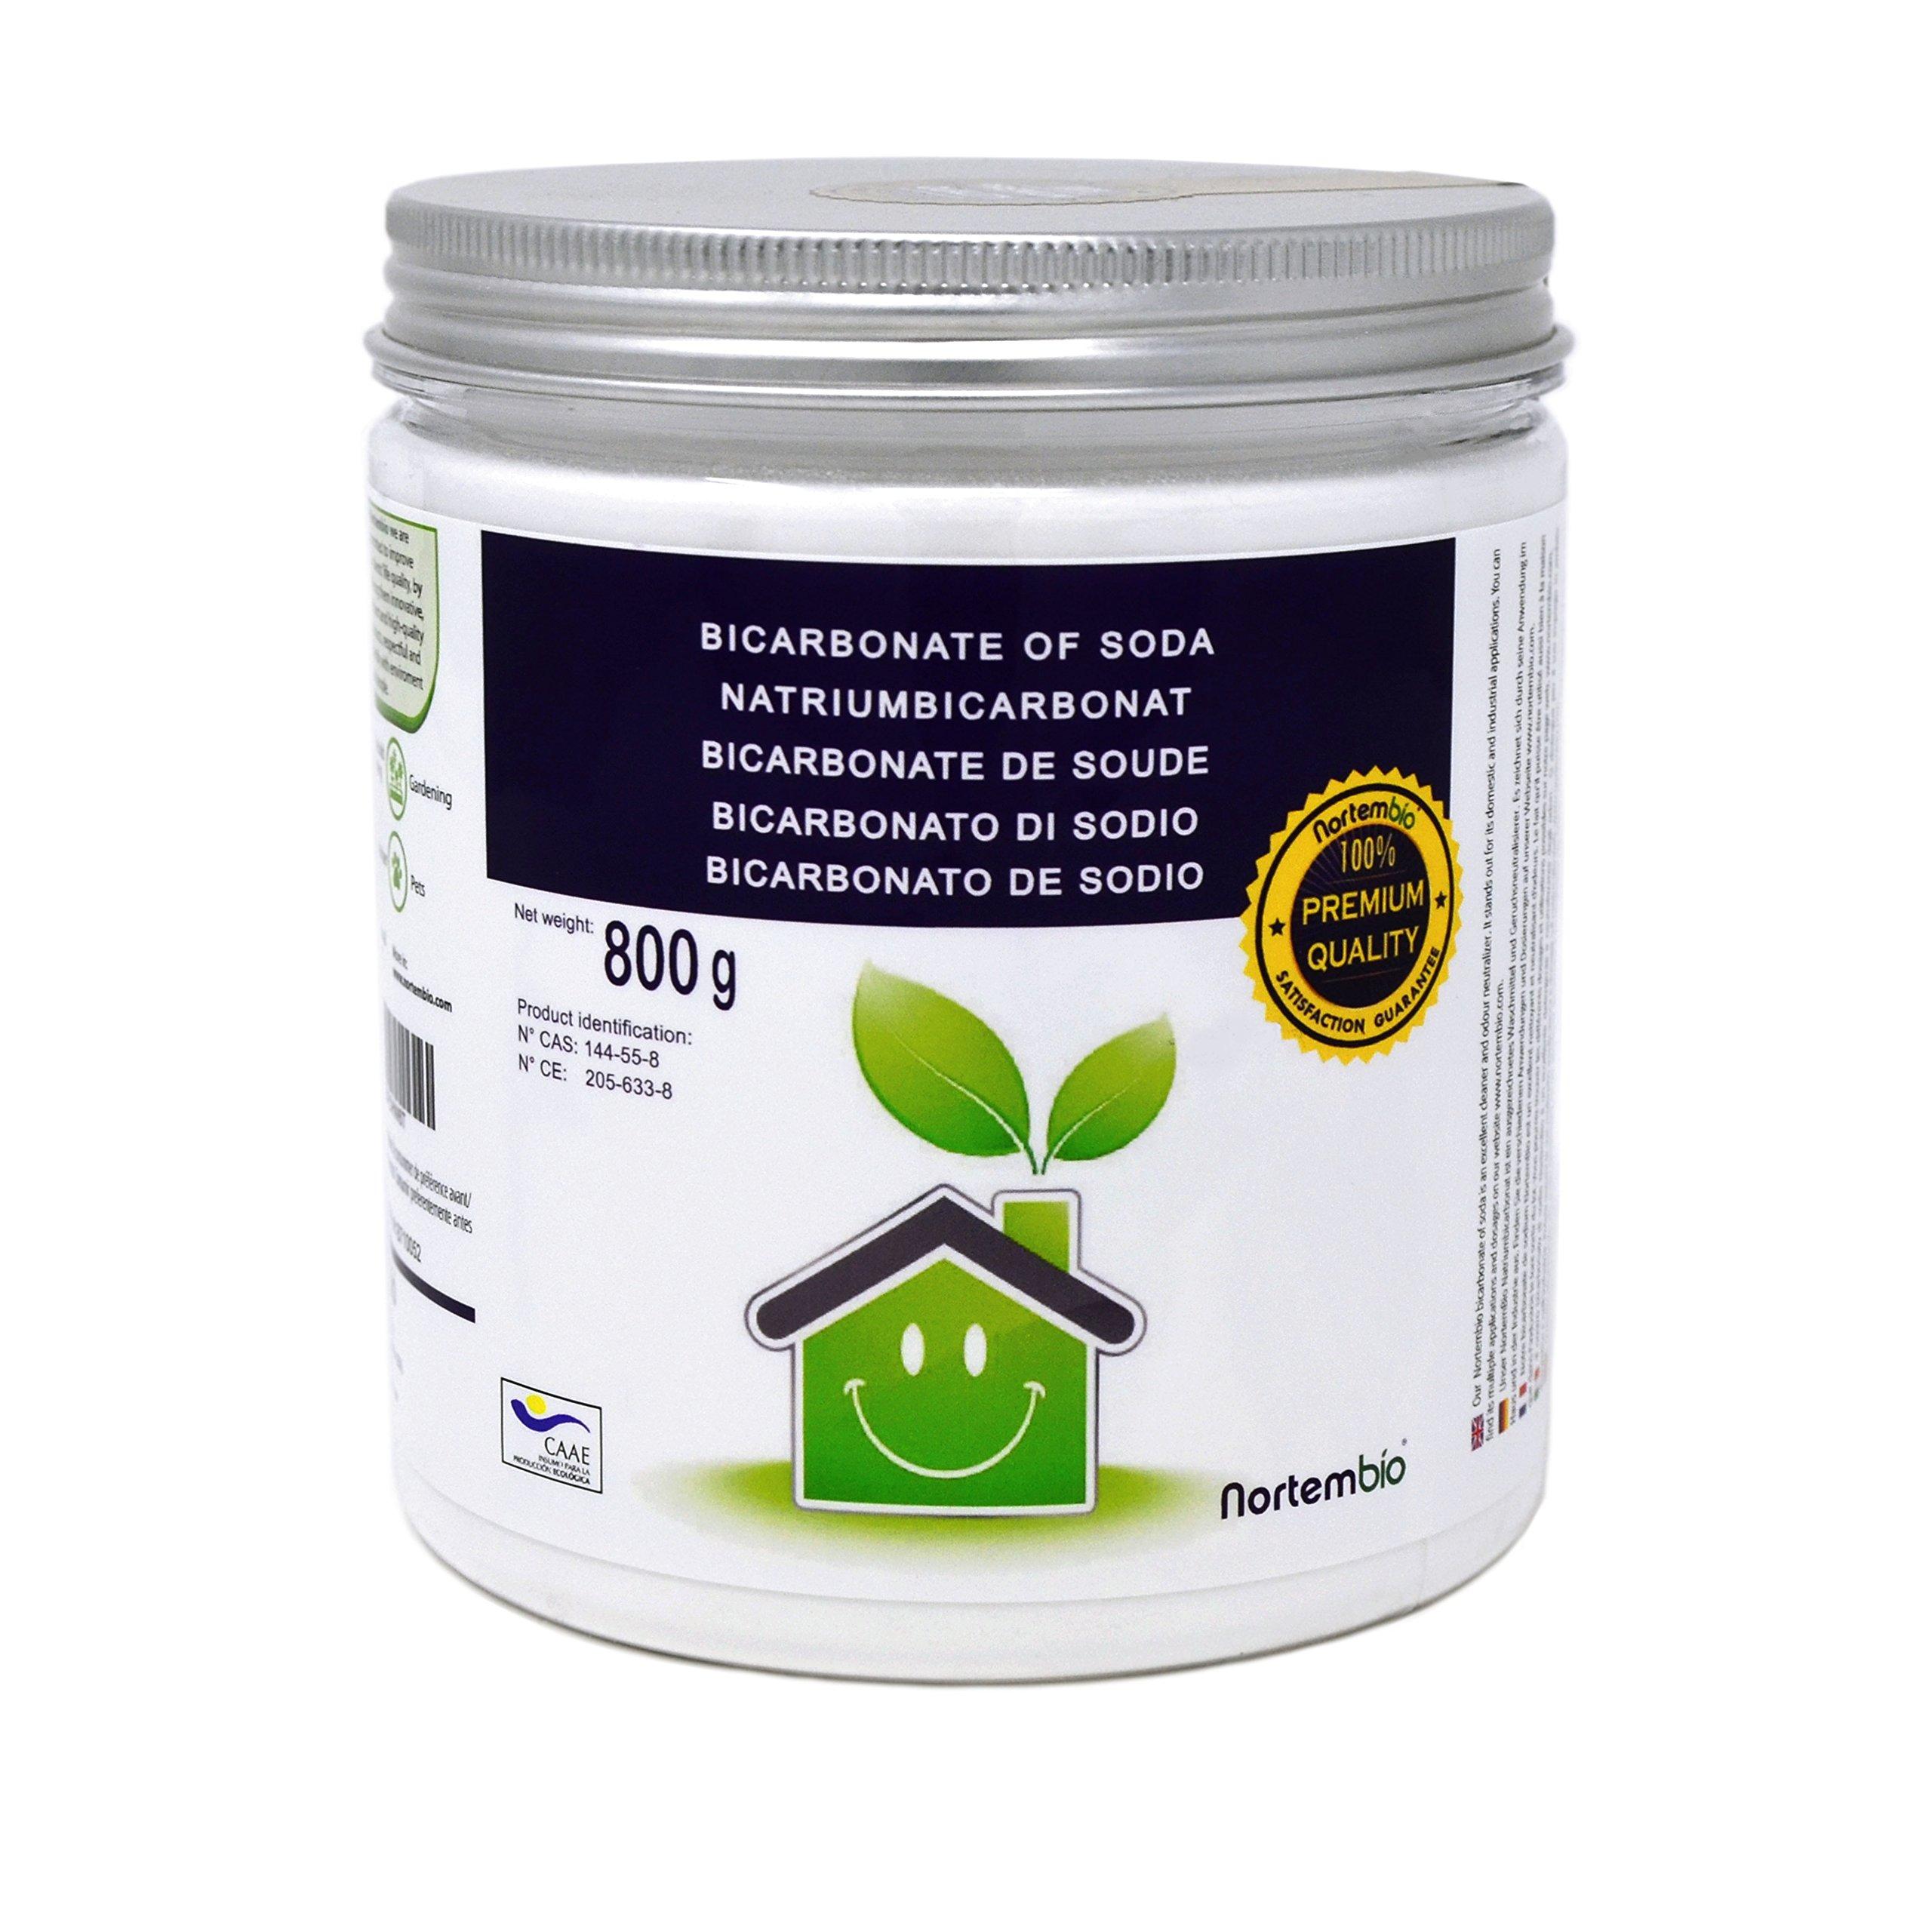 NortemBio Bicarbonato de Sodio 800g, Insumo Ecológico de Origen Natural, Libre de Aluminio,